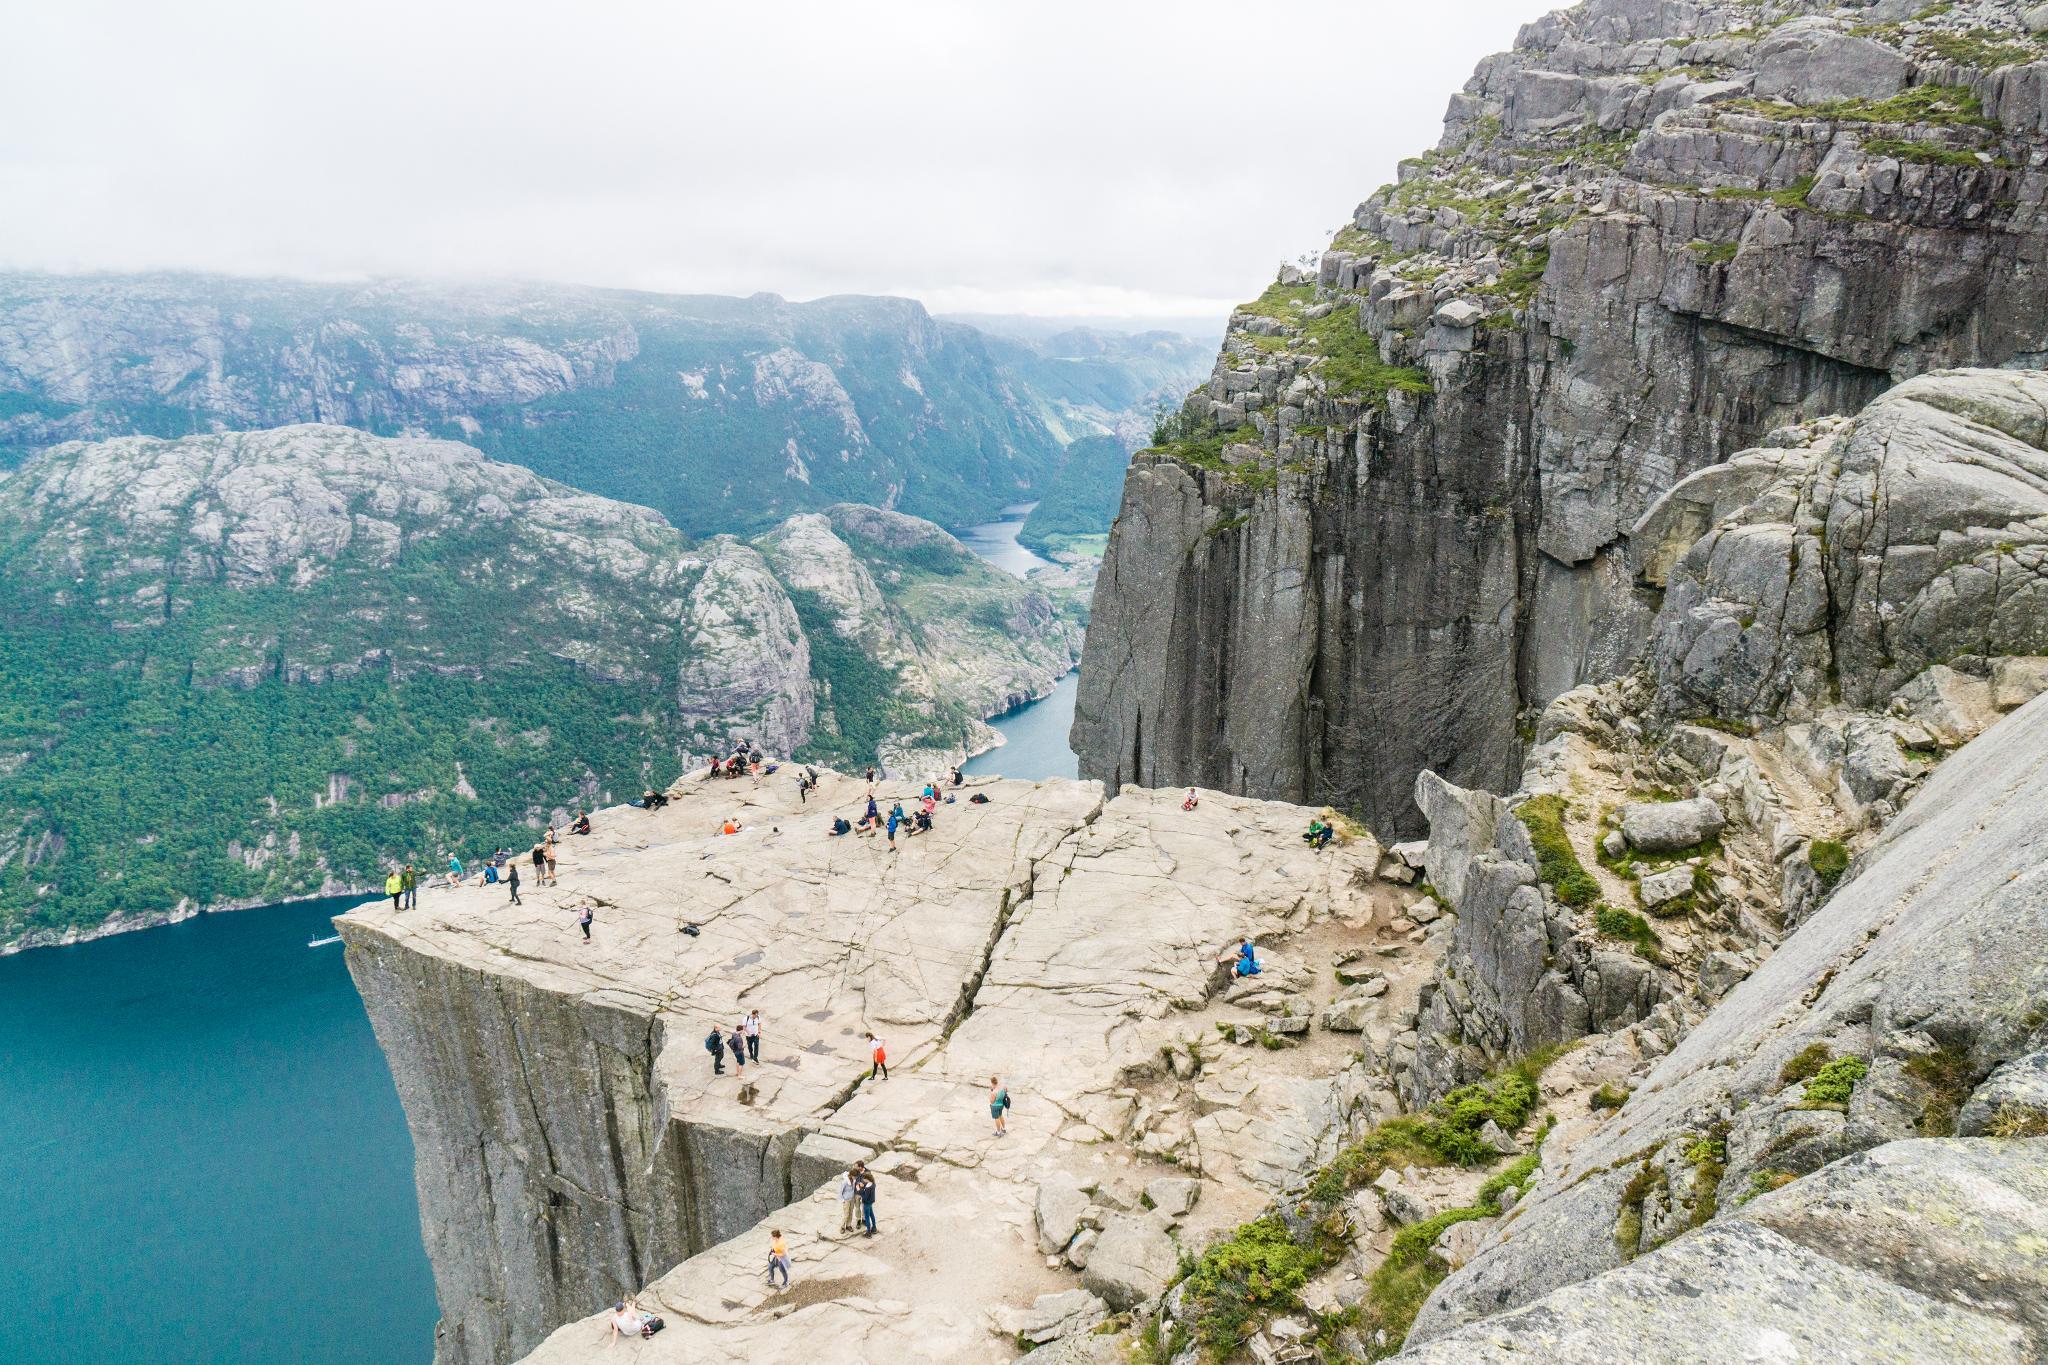 【北歐景點】朝聖挪威三大奇岩:聖壇岩Preikestolen健行紀錄